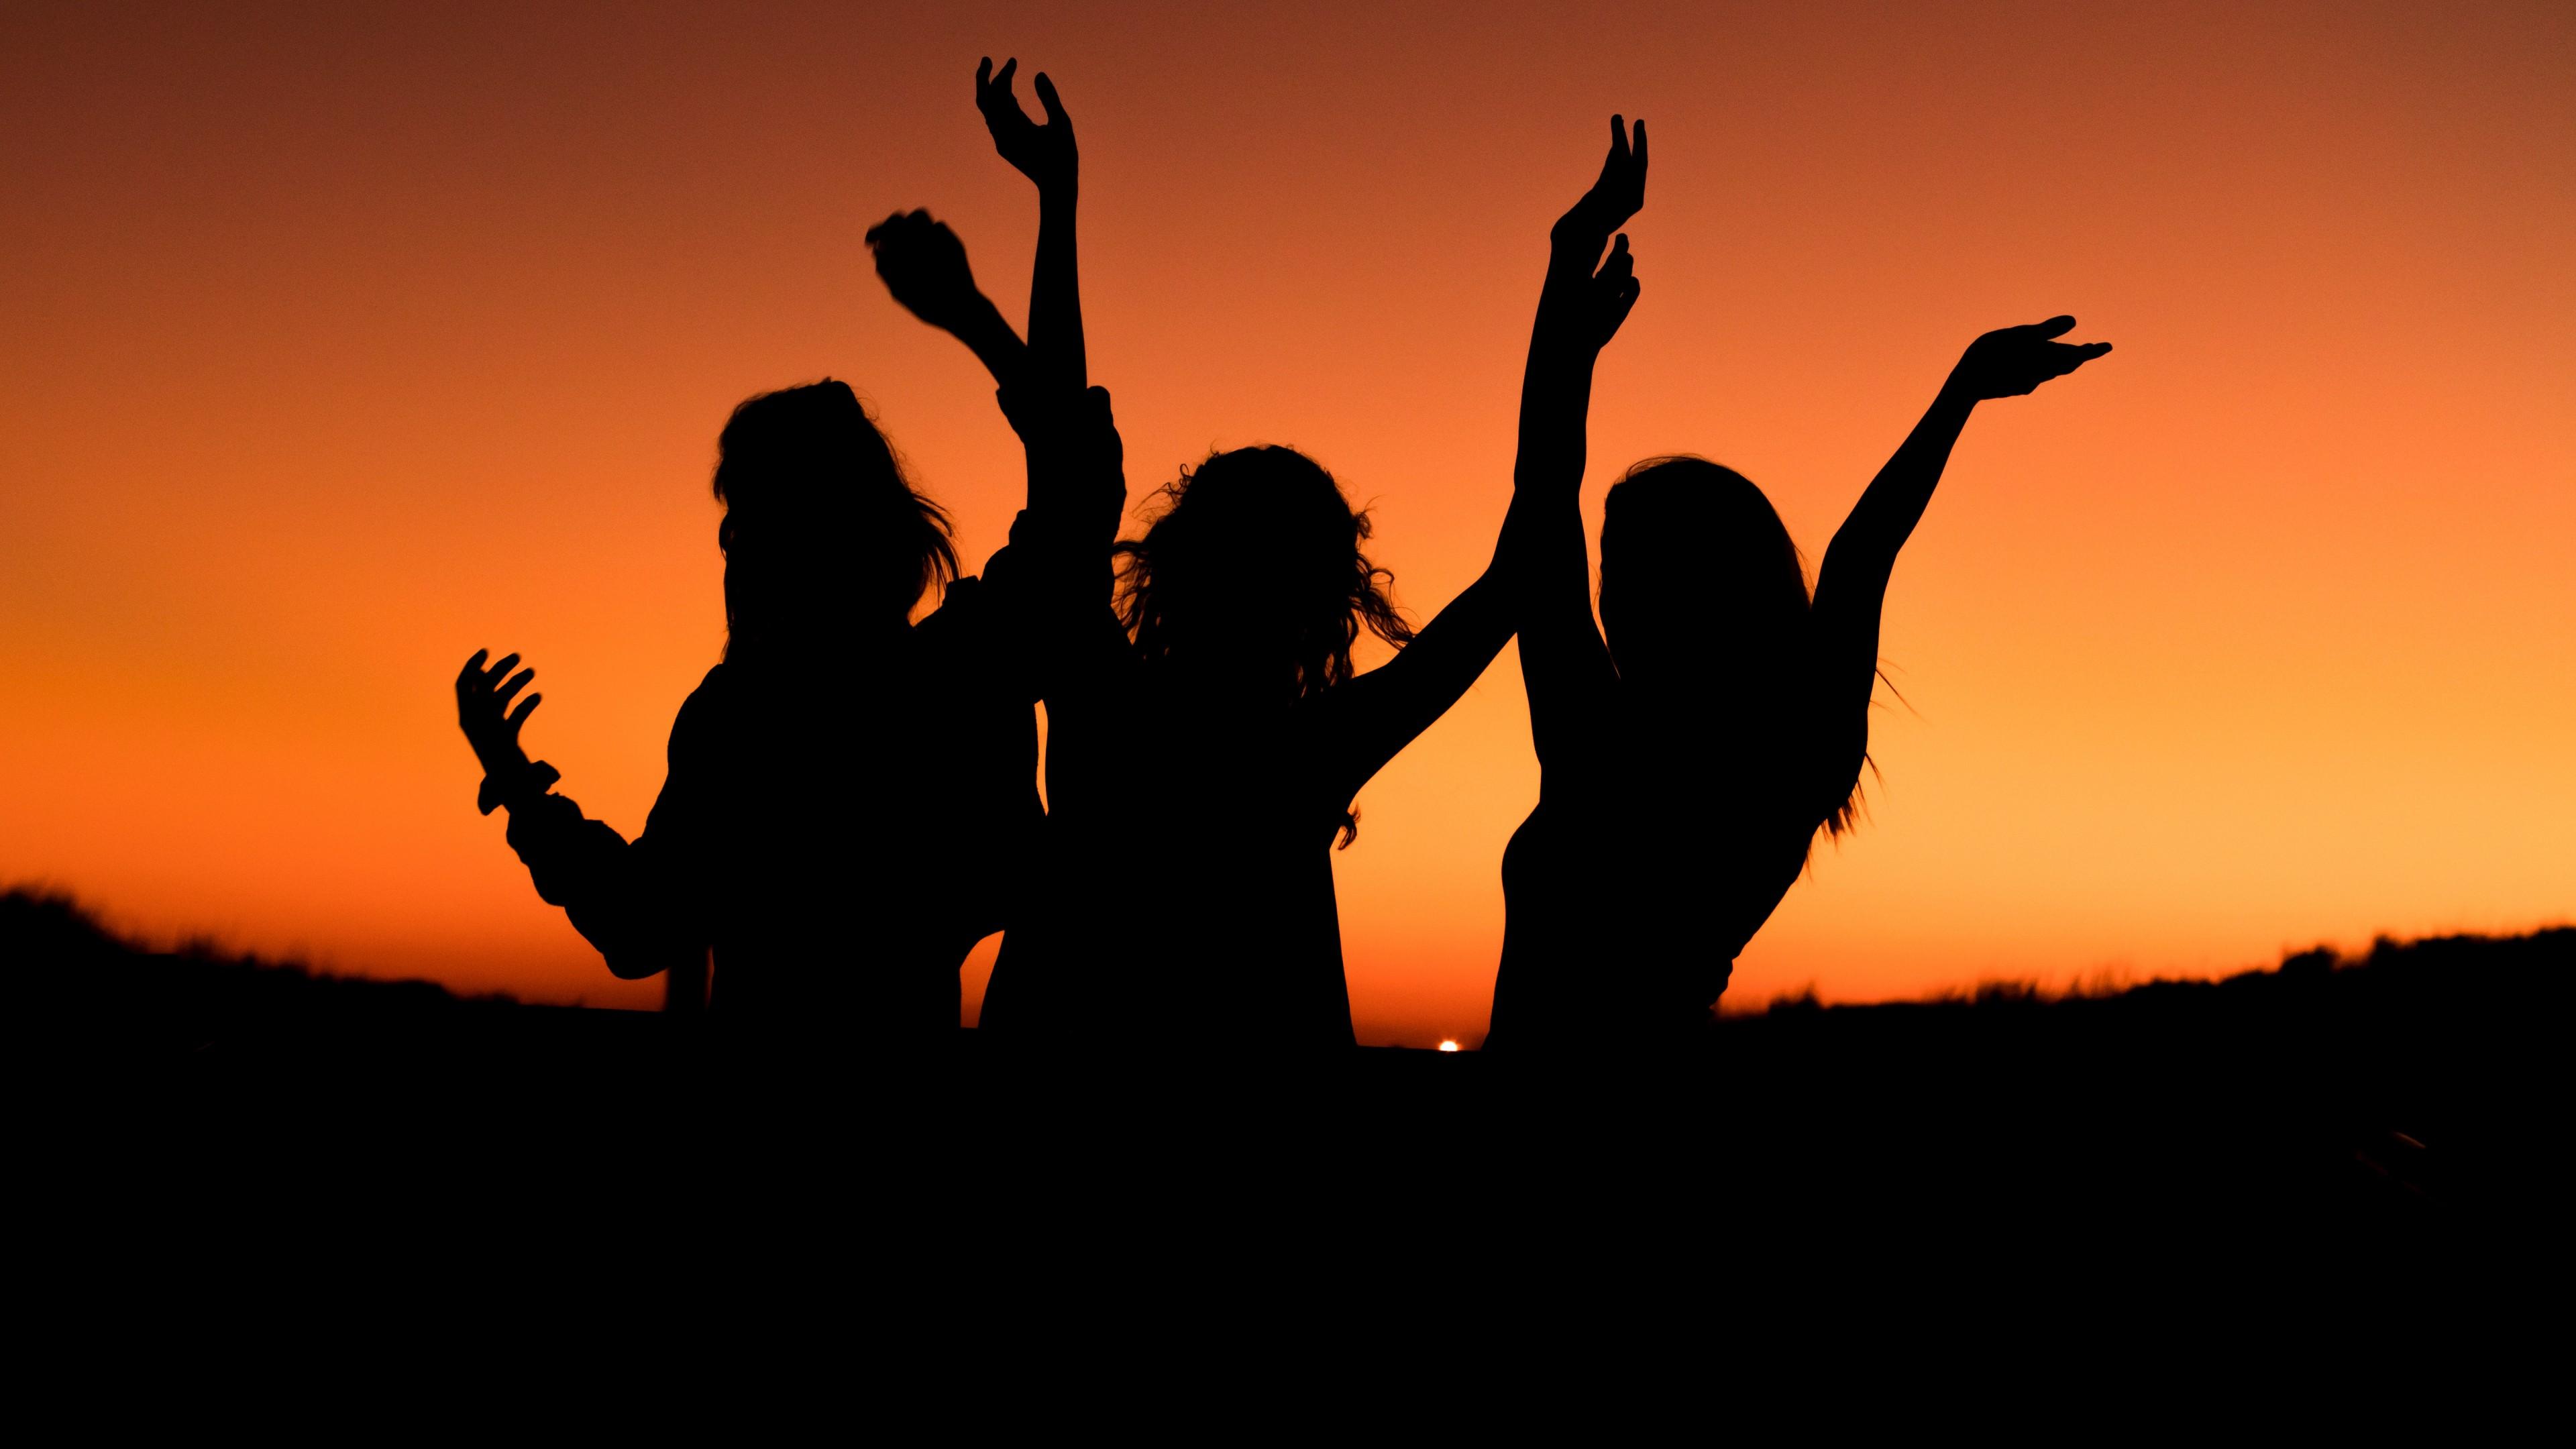 Танцы на песке в оранжево-золотых лучах закатного солнца